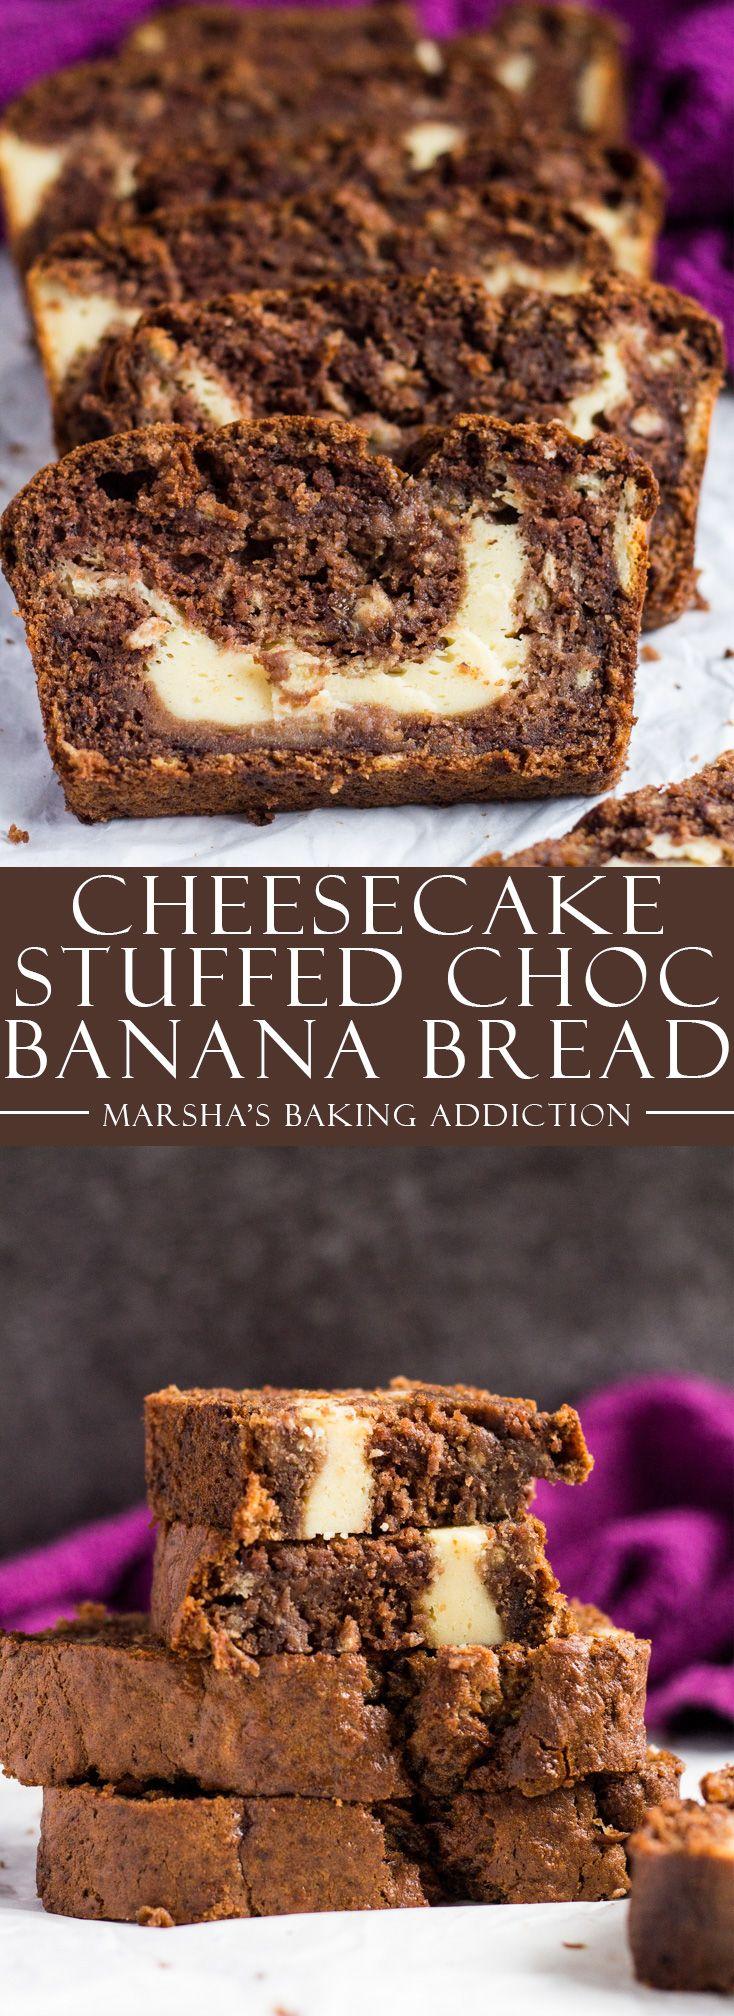 Cheesecake Stuffed Chocolate Banana Bread | marshasbakingaddiction.com @marshasbakeblog